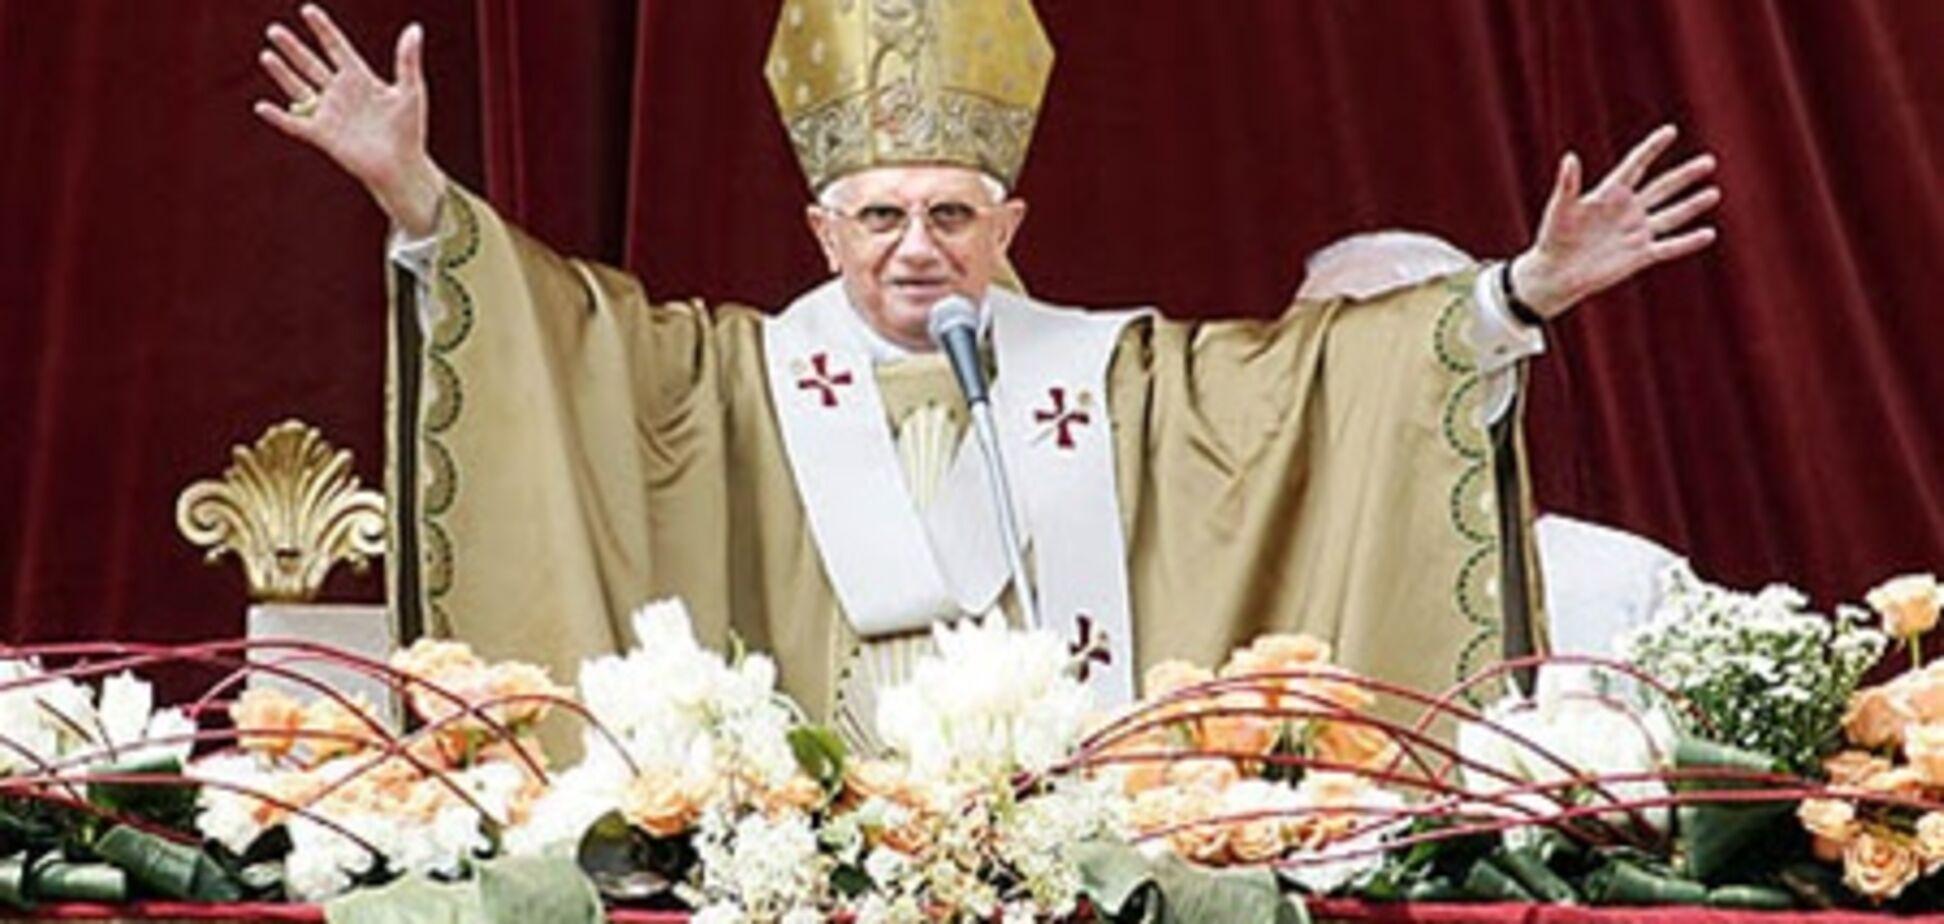 Ватикан назвав найважливішу подію року, що минув